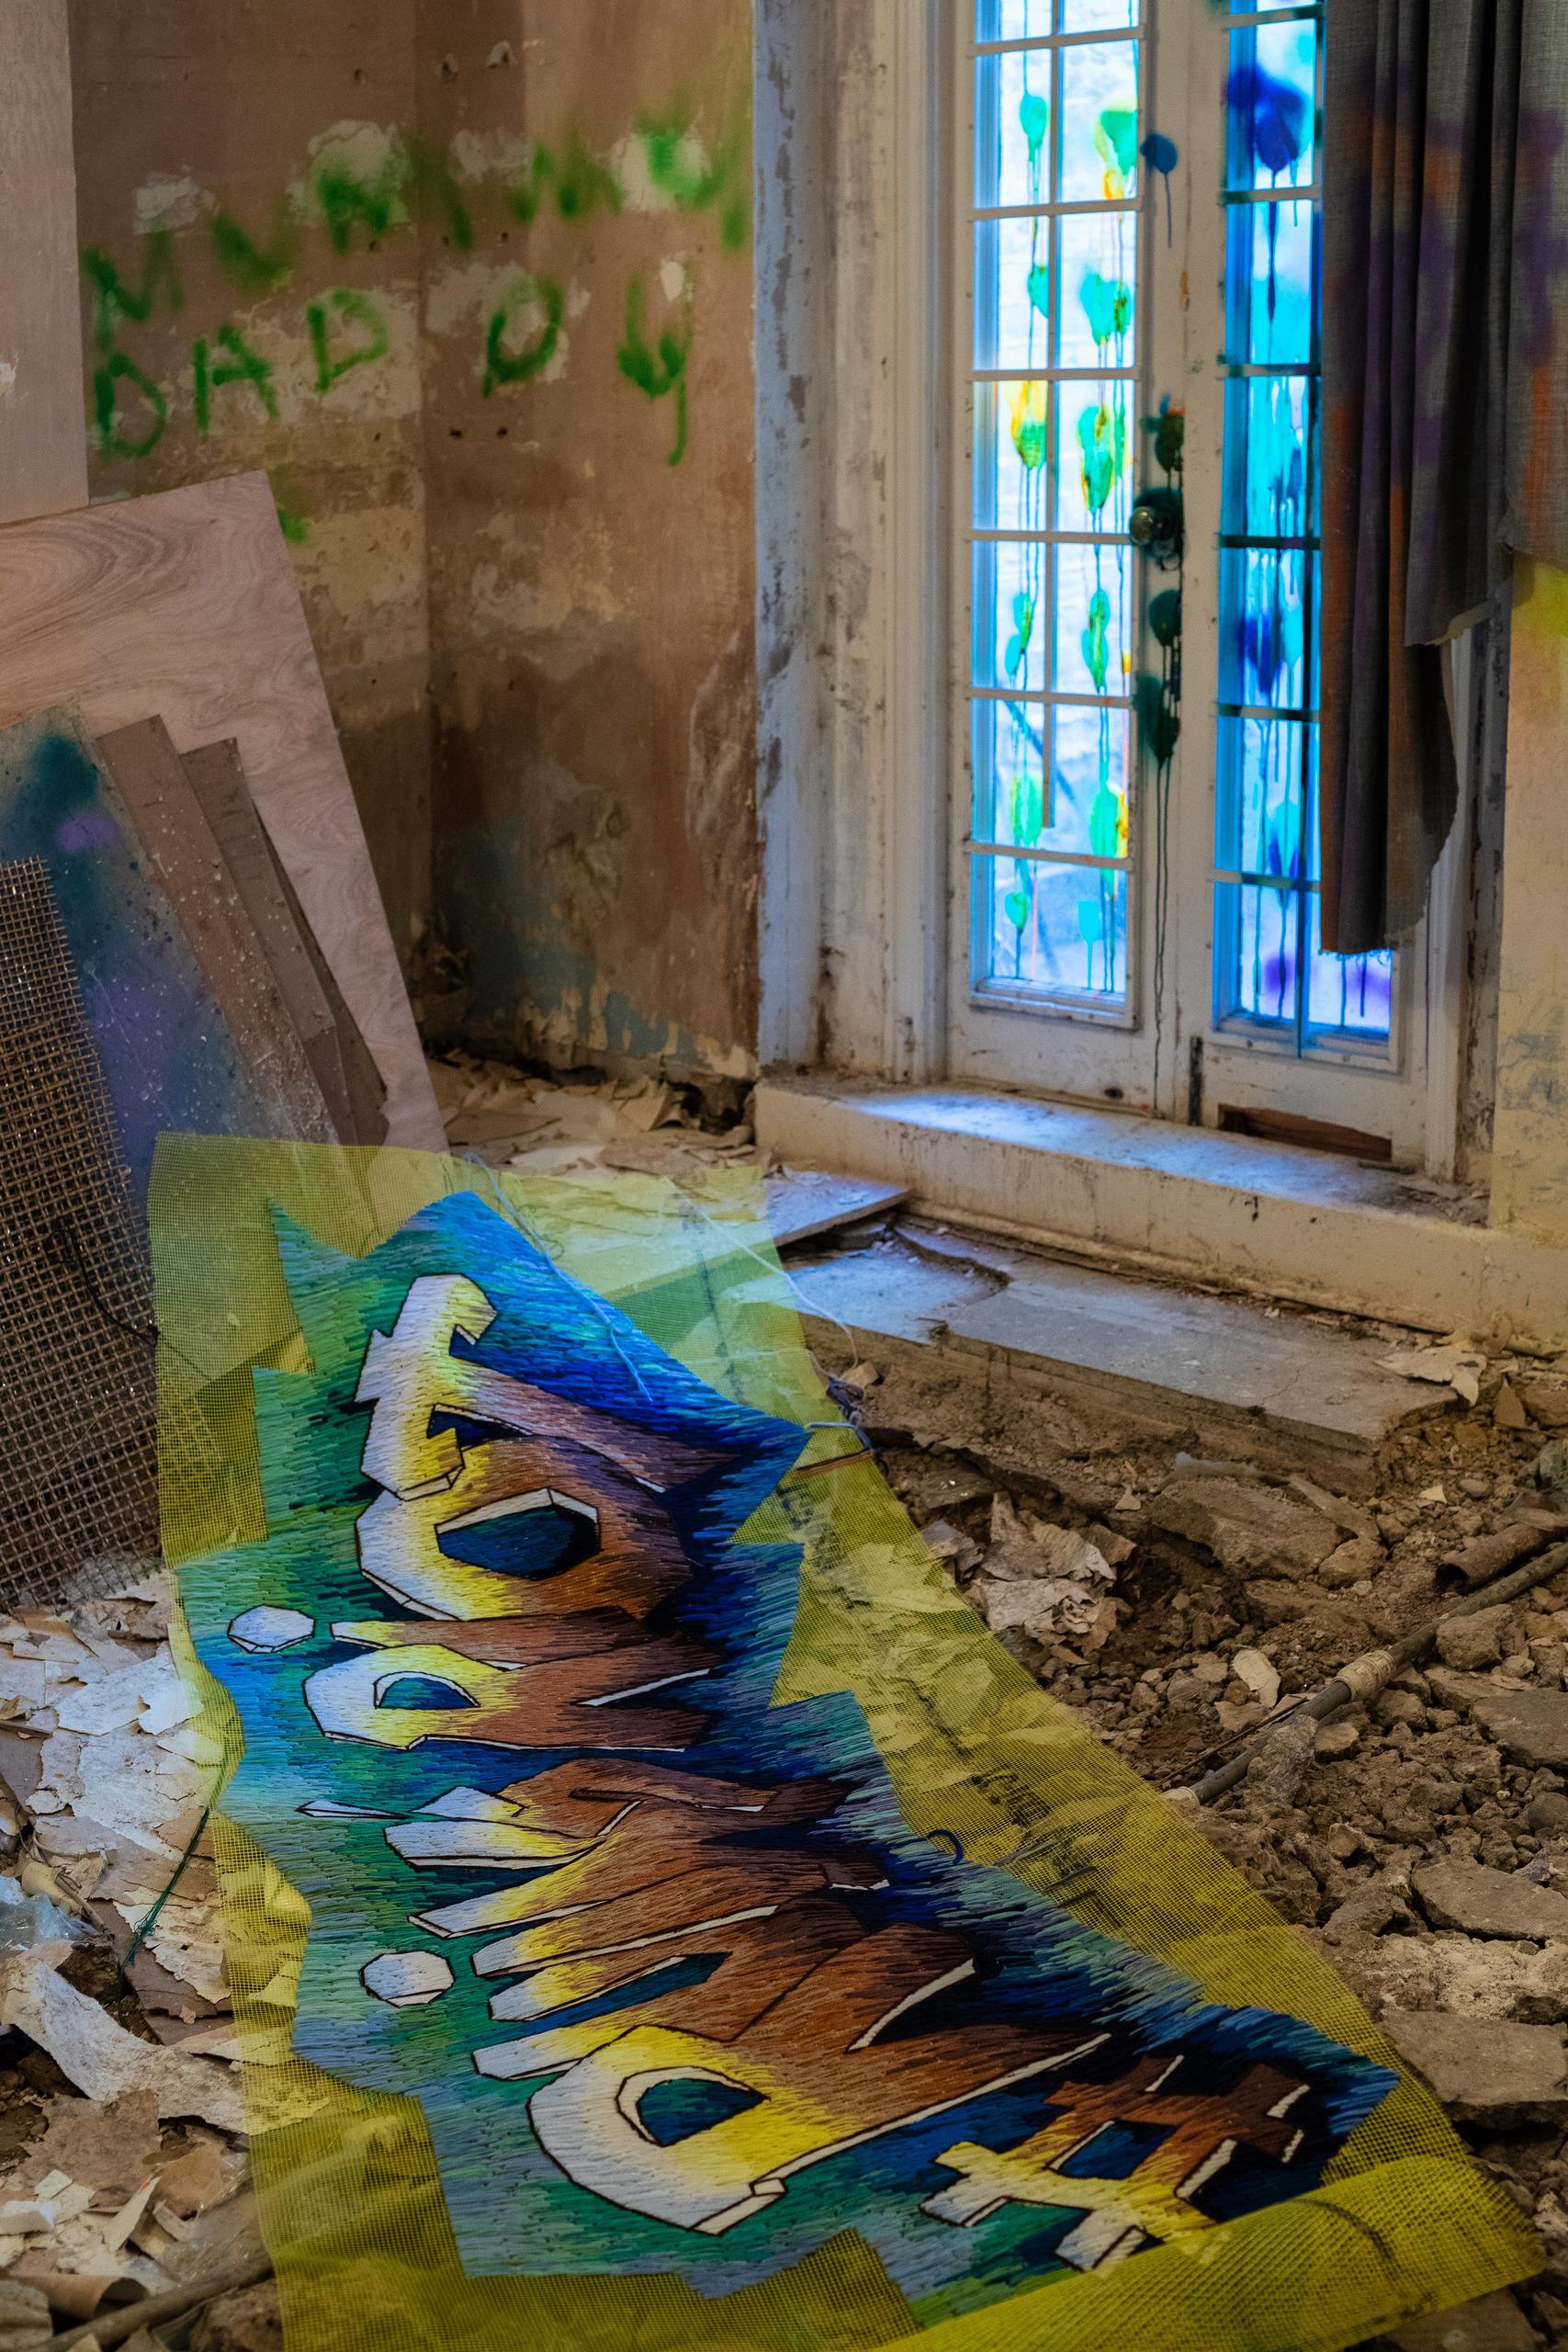 The Meta-Tapestry